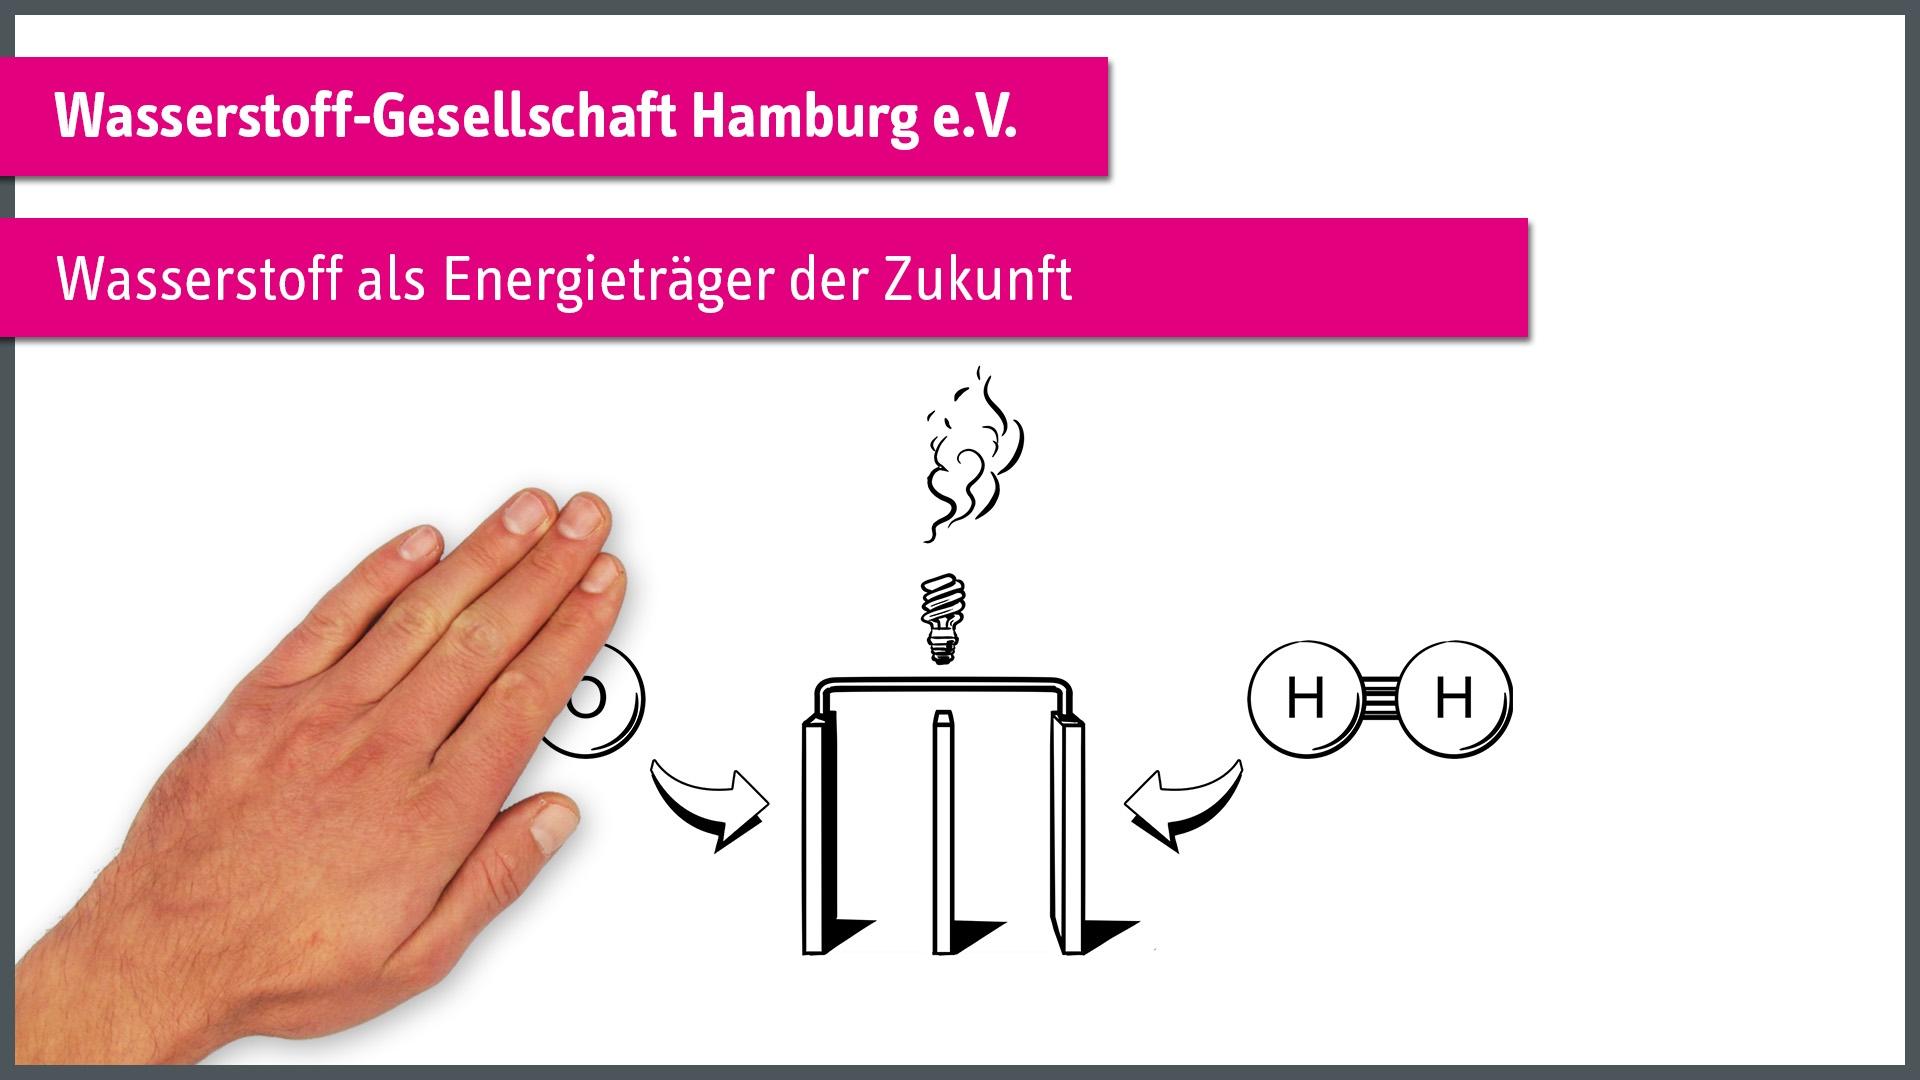 """""""Wasserstoff als Energieträger der Zukunft"""" einfach erklärt"""